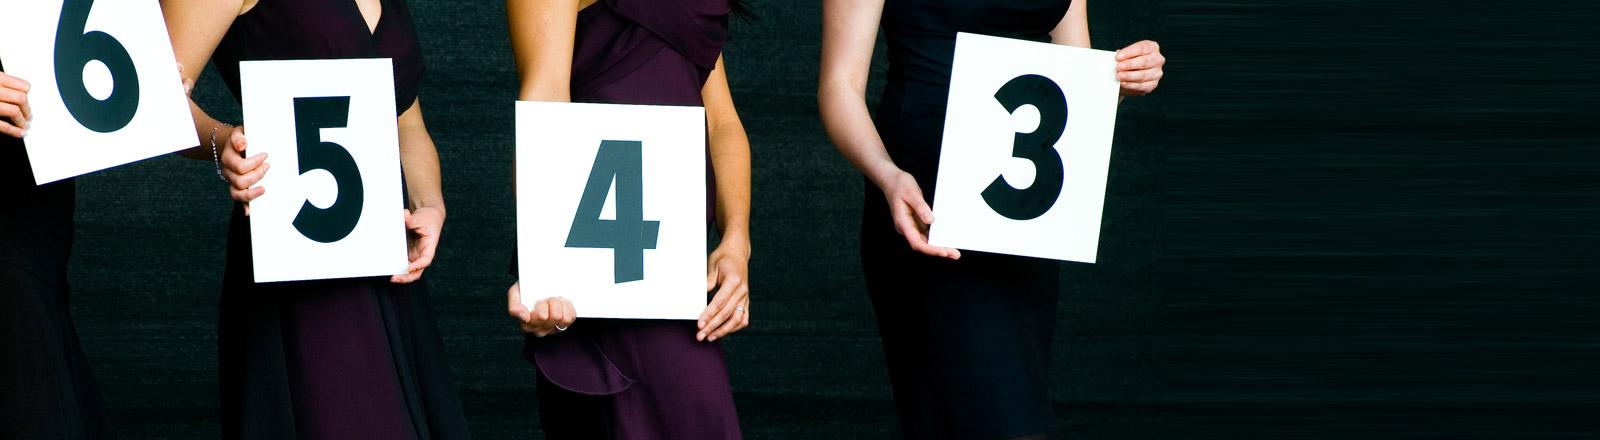 Nummerngirls halten Schilder mit Nummern hoch.